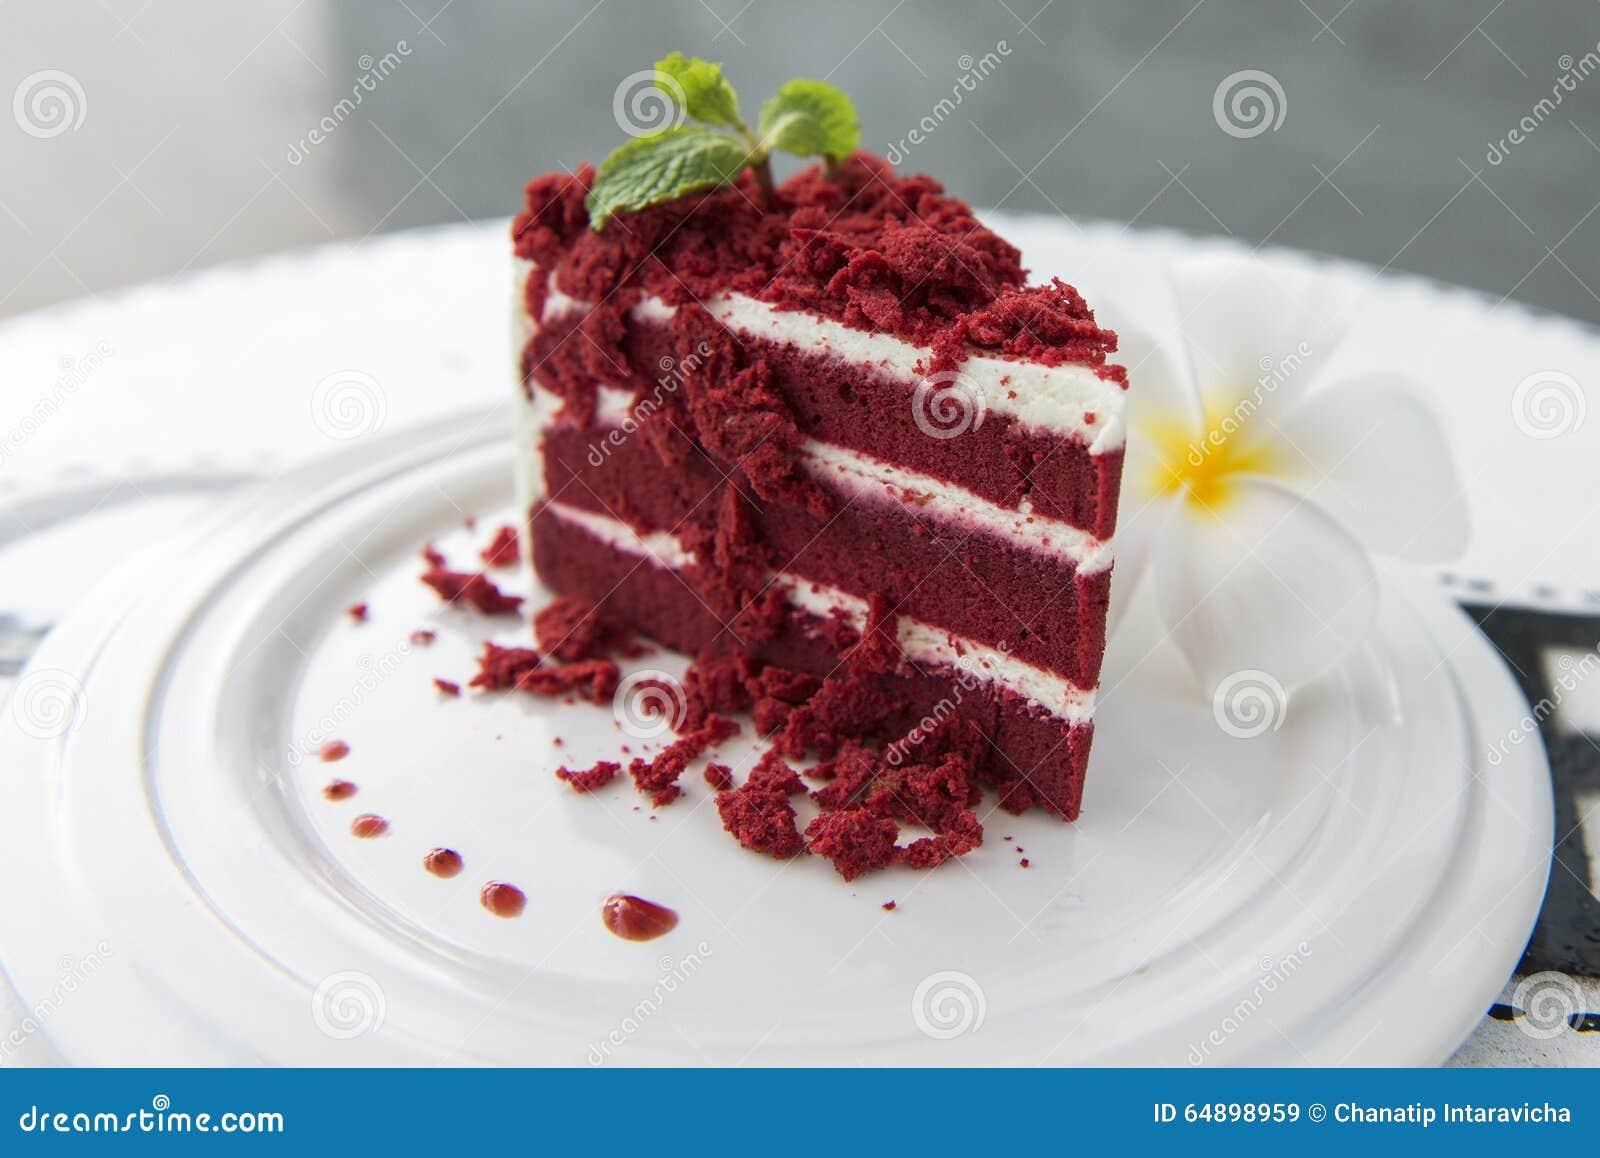 roter kuchen stockbild bild von bereift gebacken s 64898959